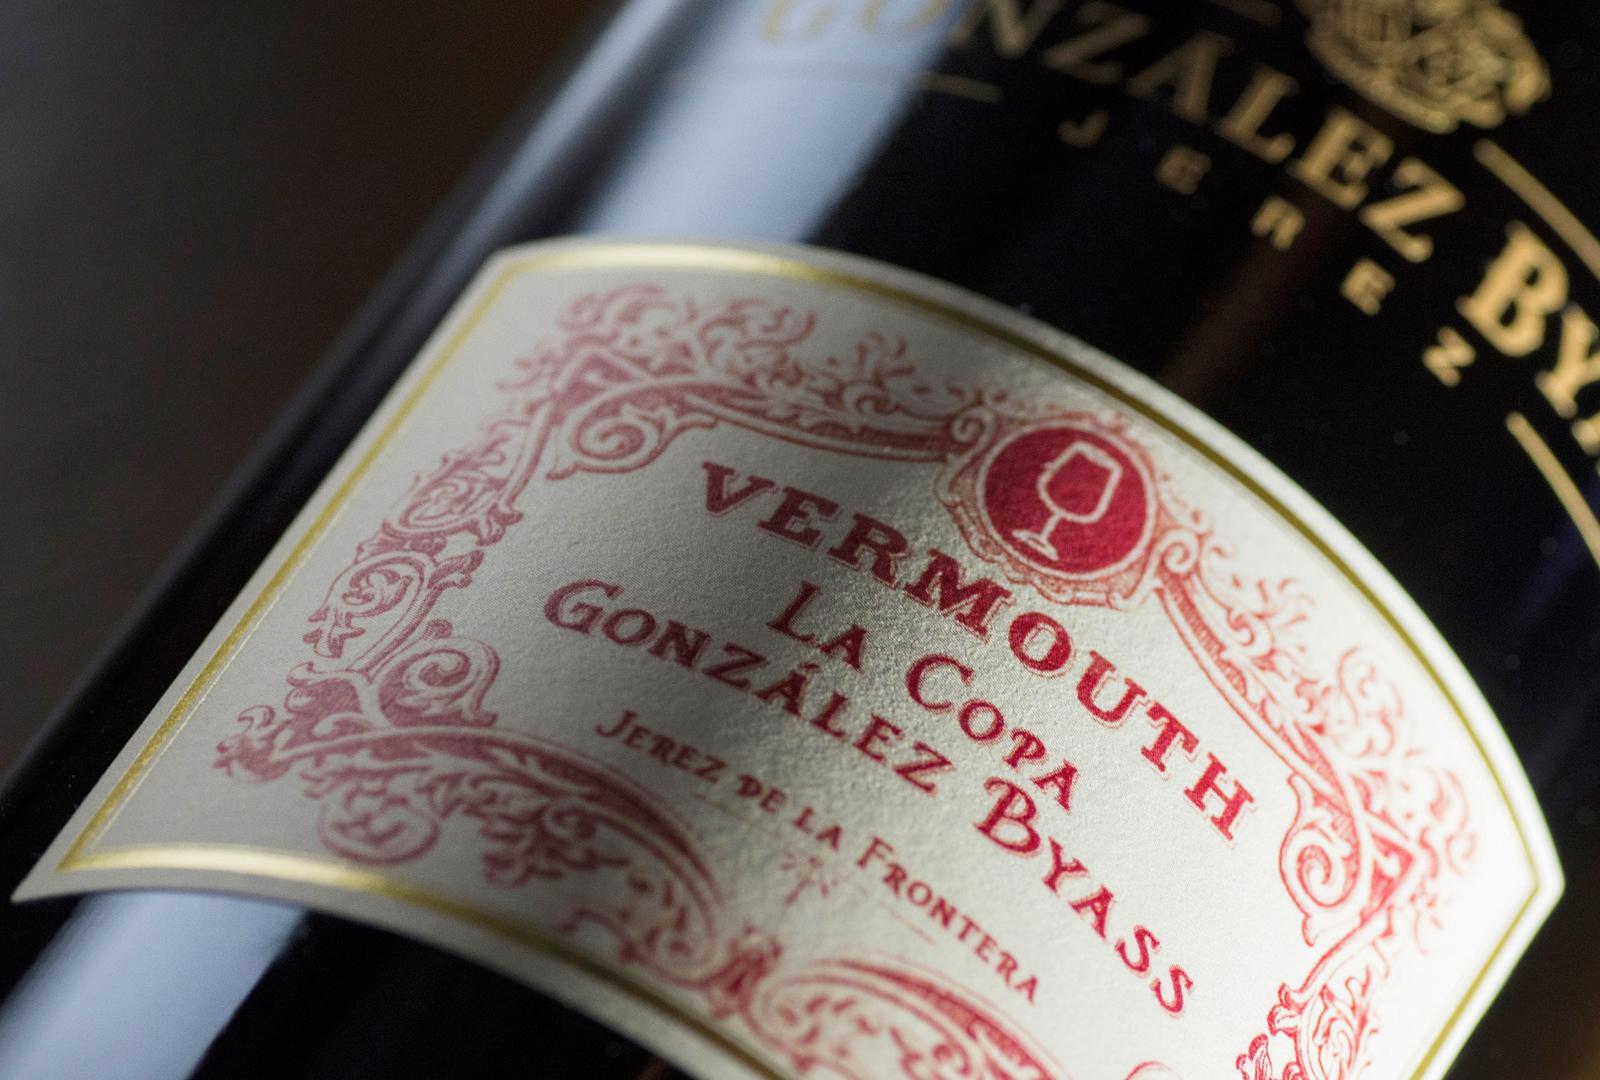 Vermouth La Copa de González Byass.